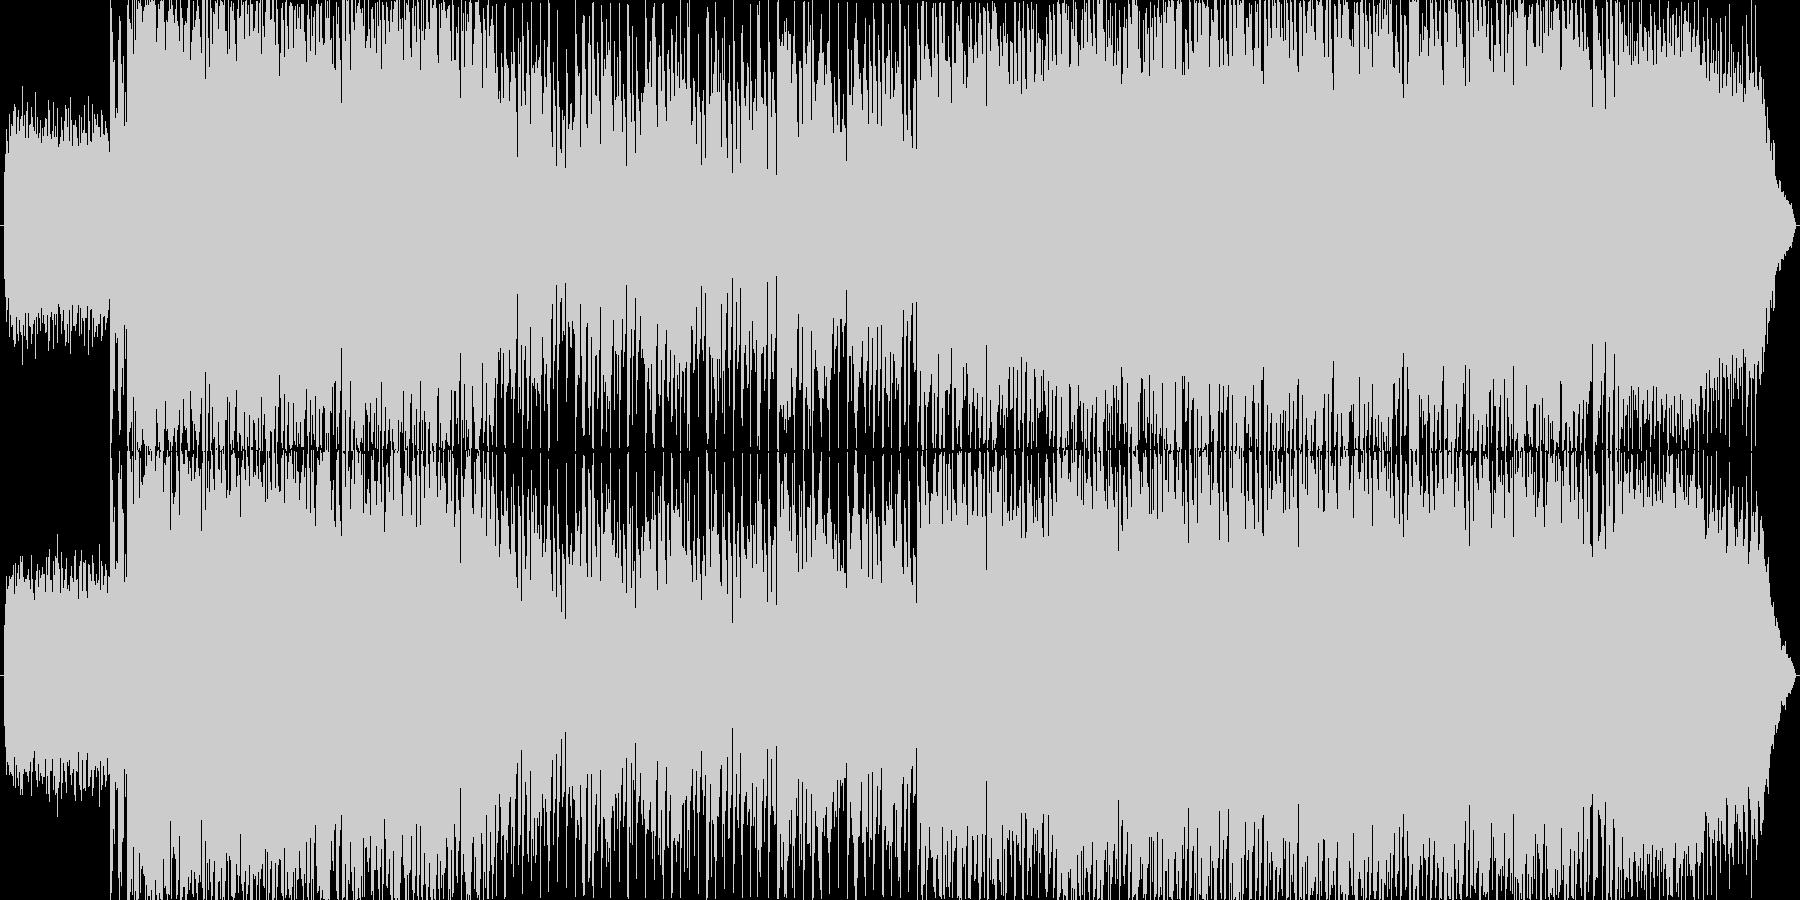 ポップでかわいいEDMの未再生の波形